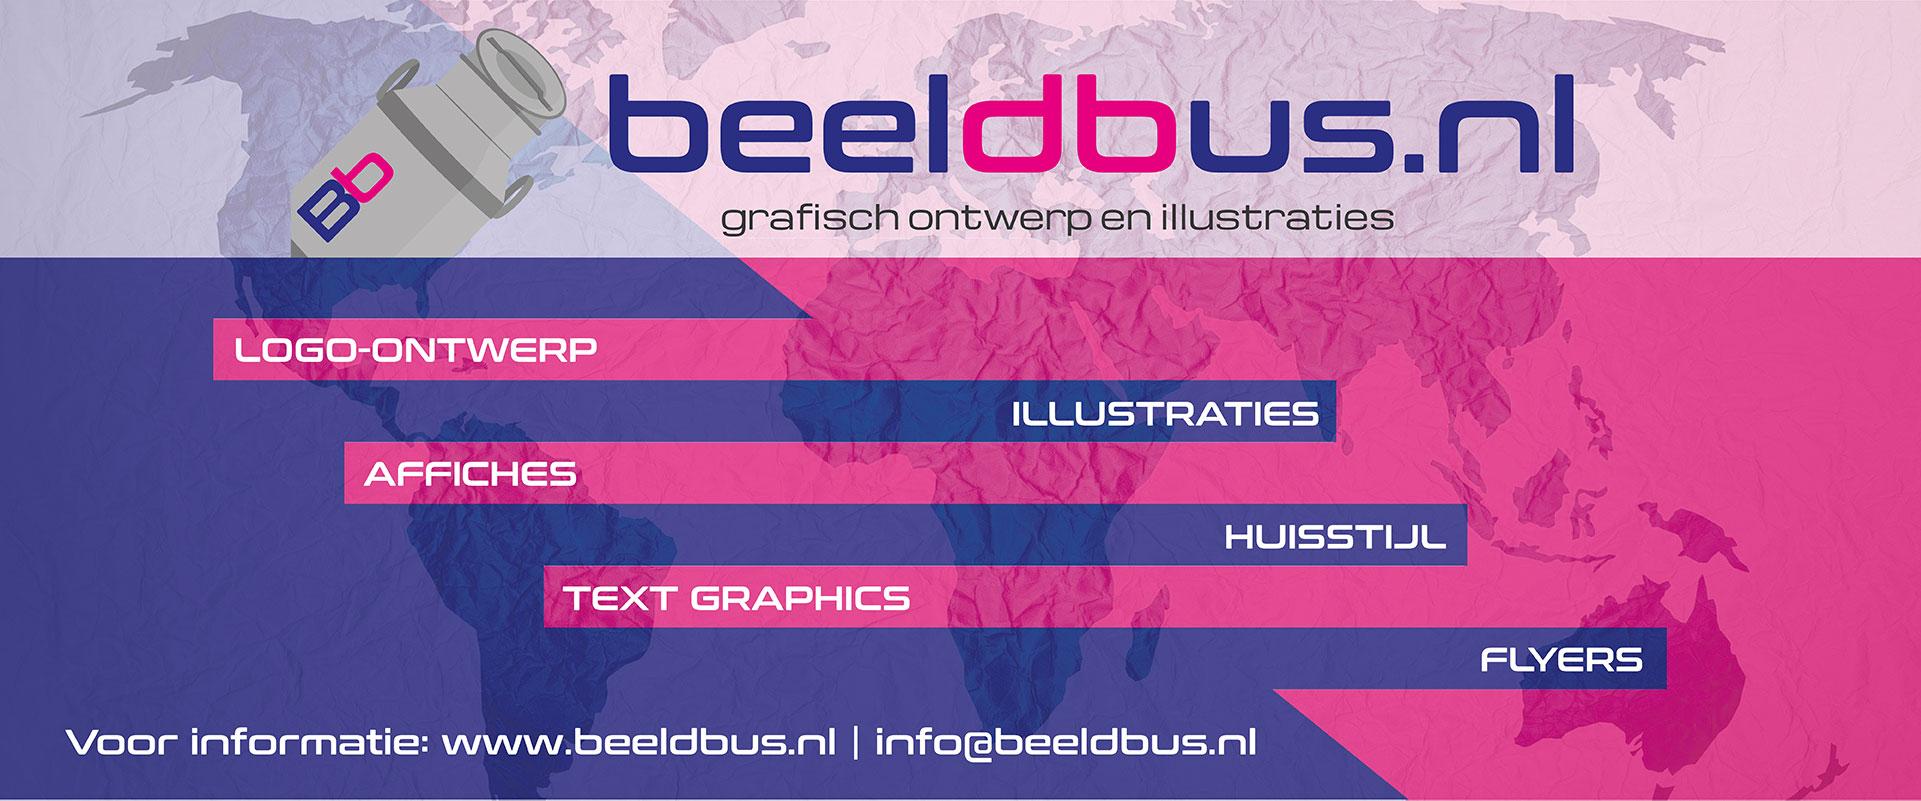 Beeldbus.nl   Grafisch ontwerp en illustraties